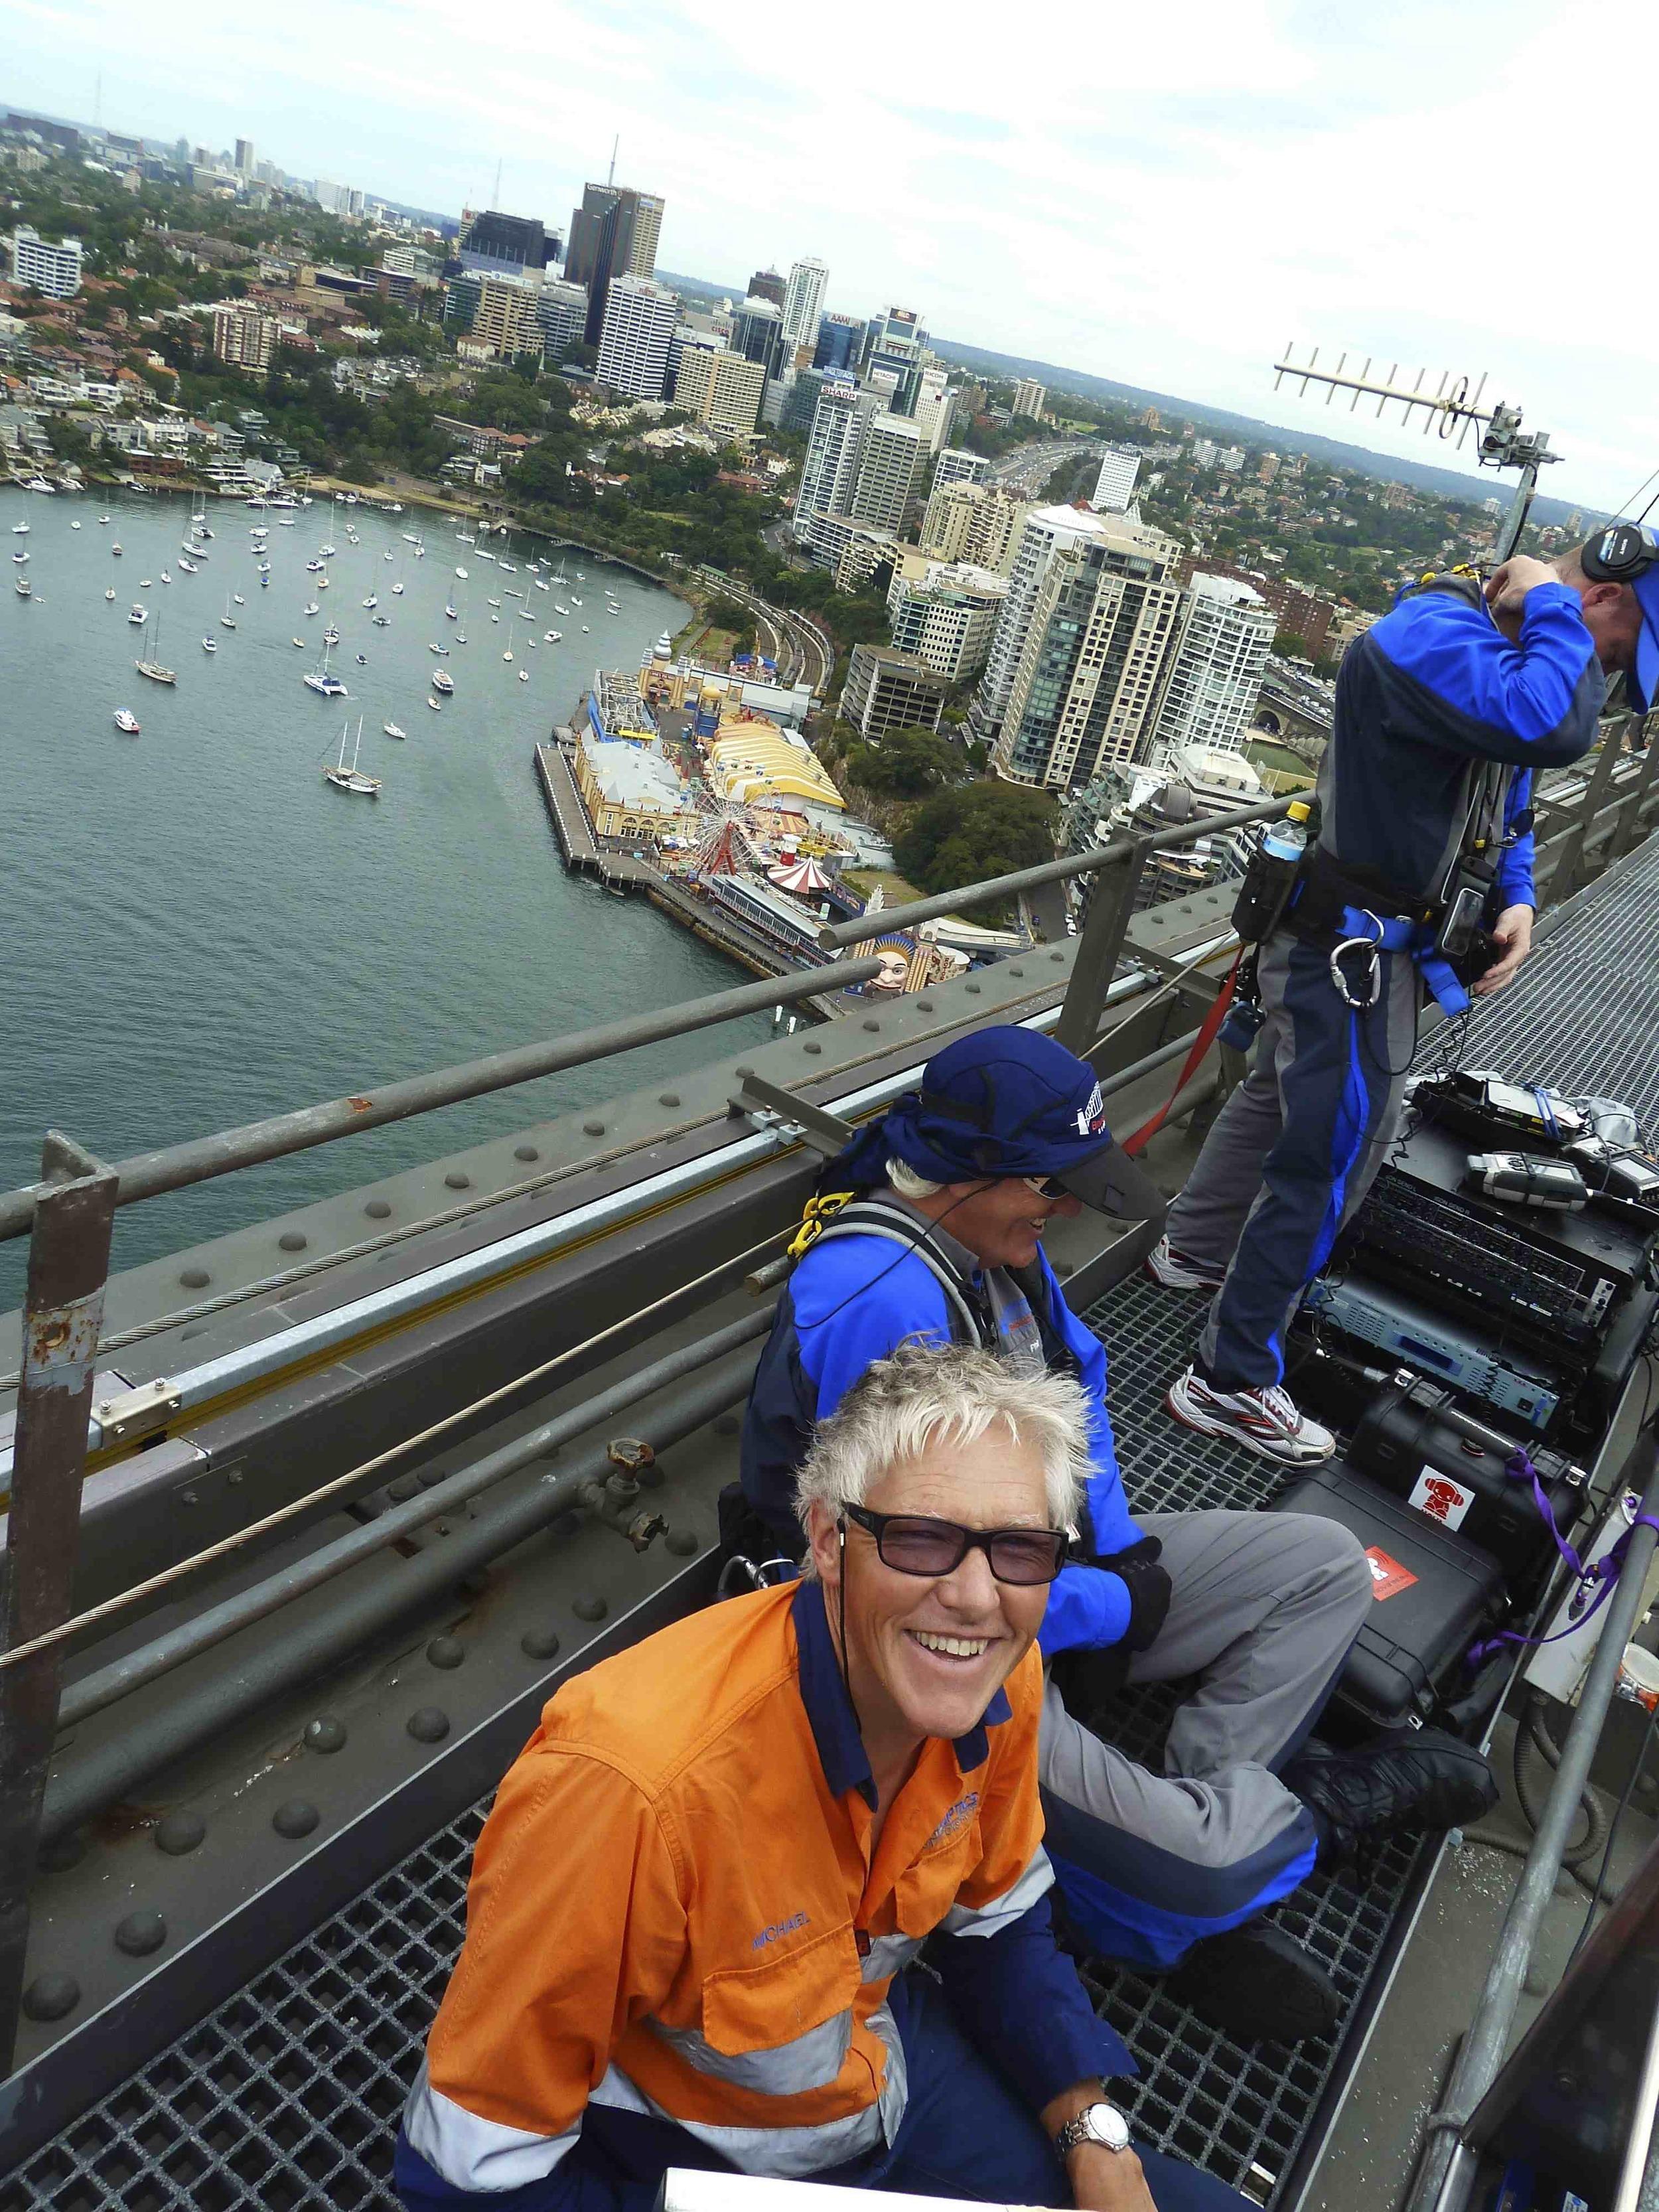 COnnecting fibre on the sydney harbour bridge